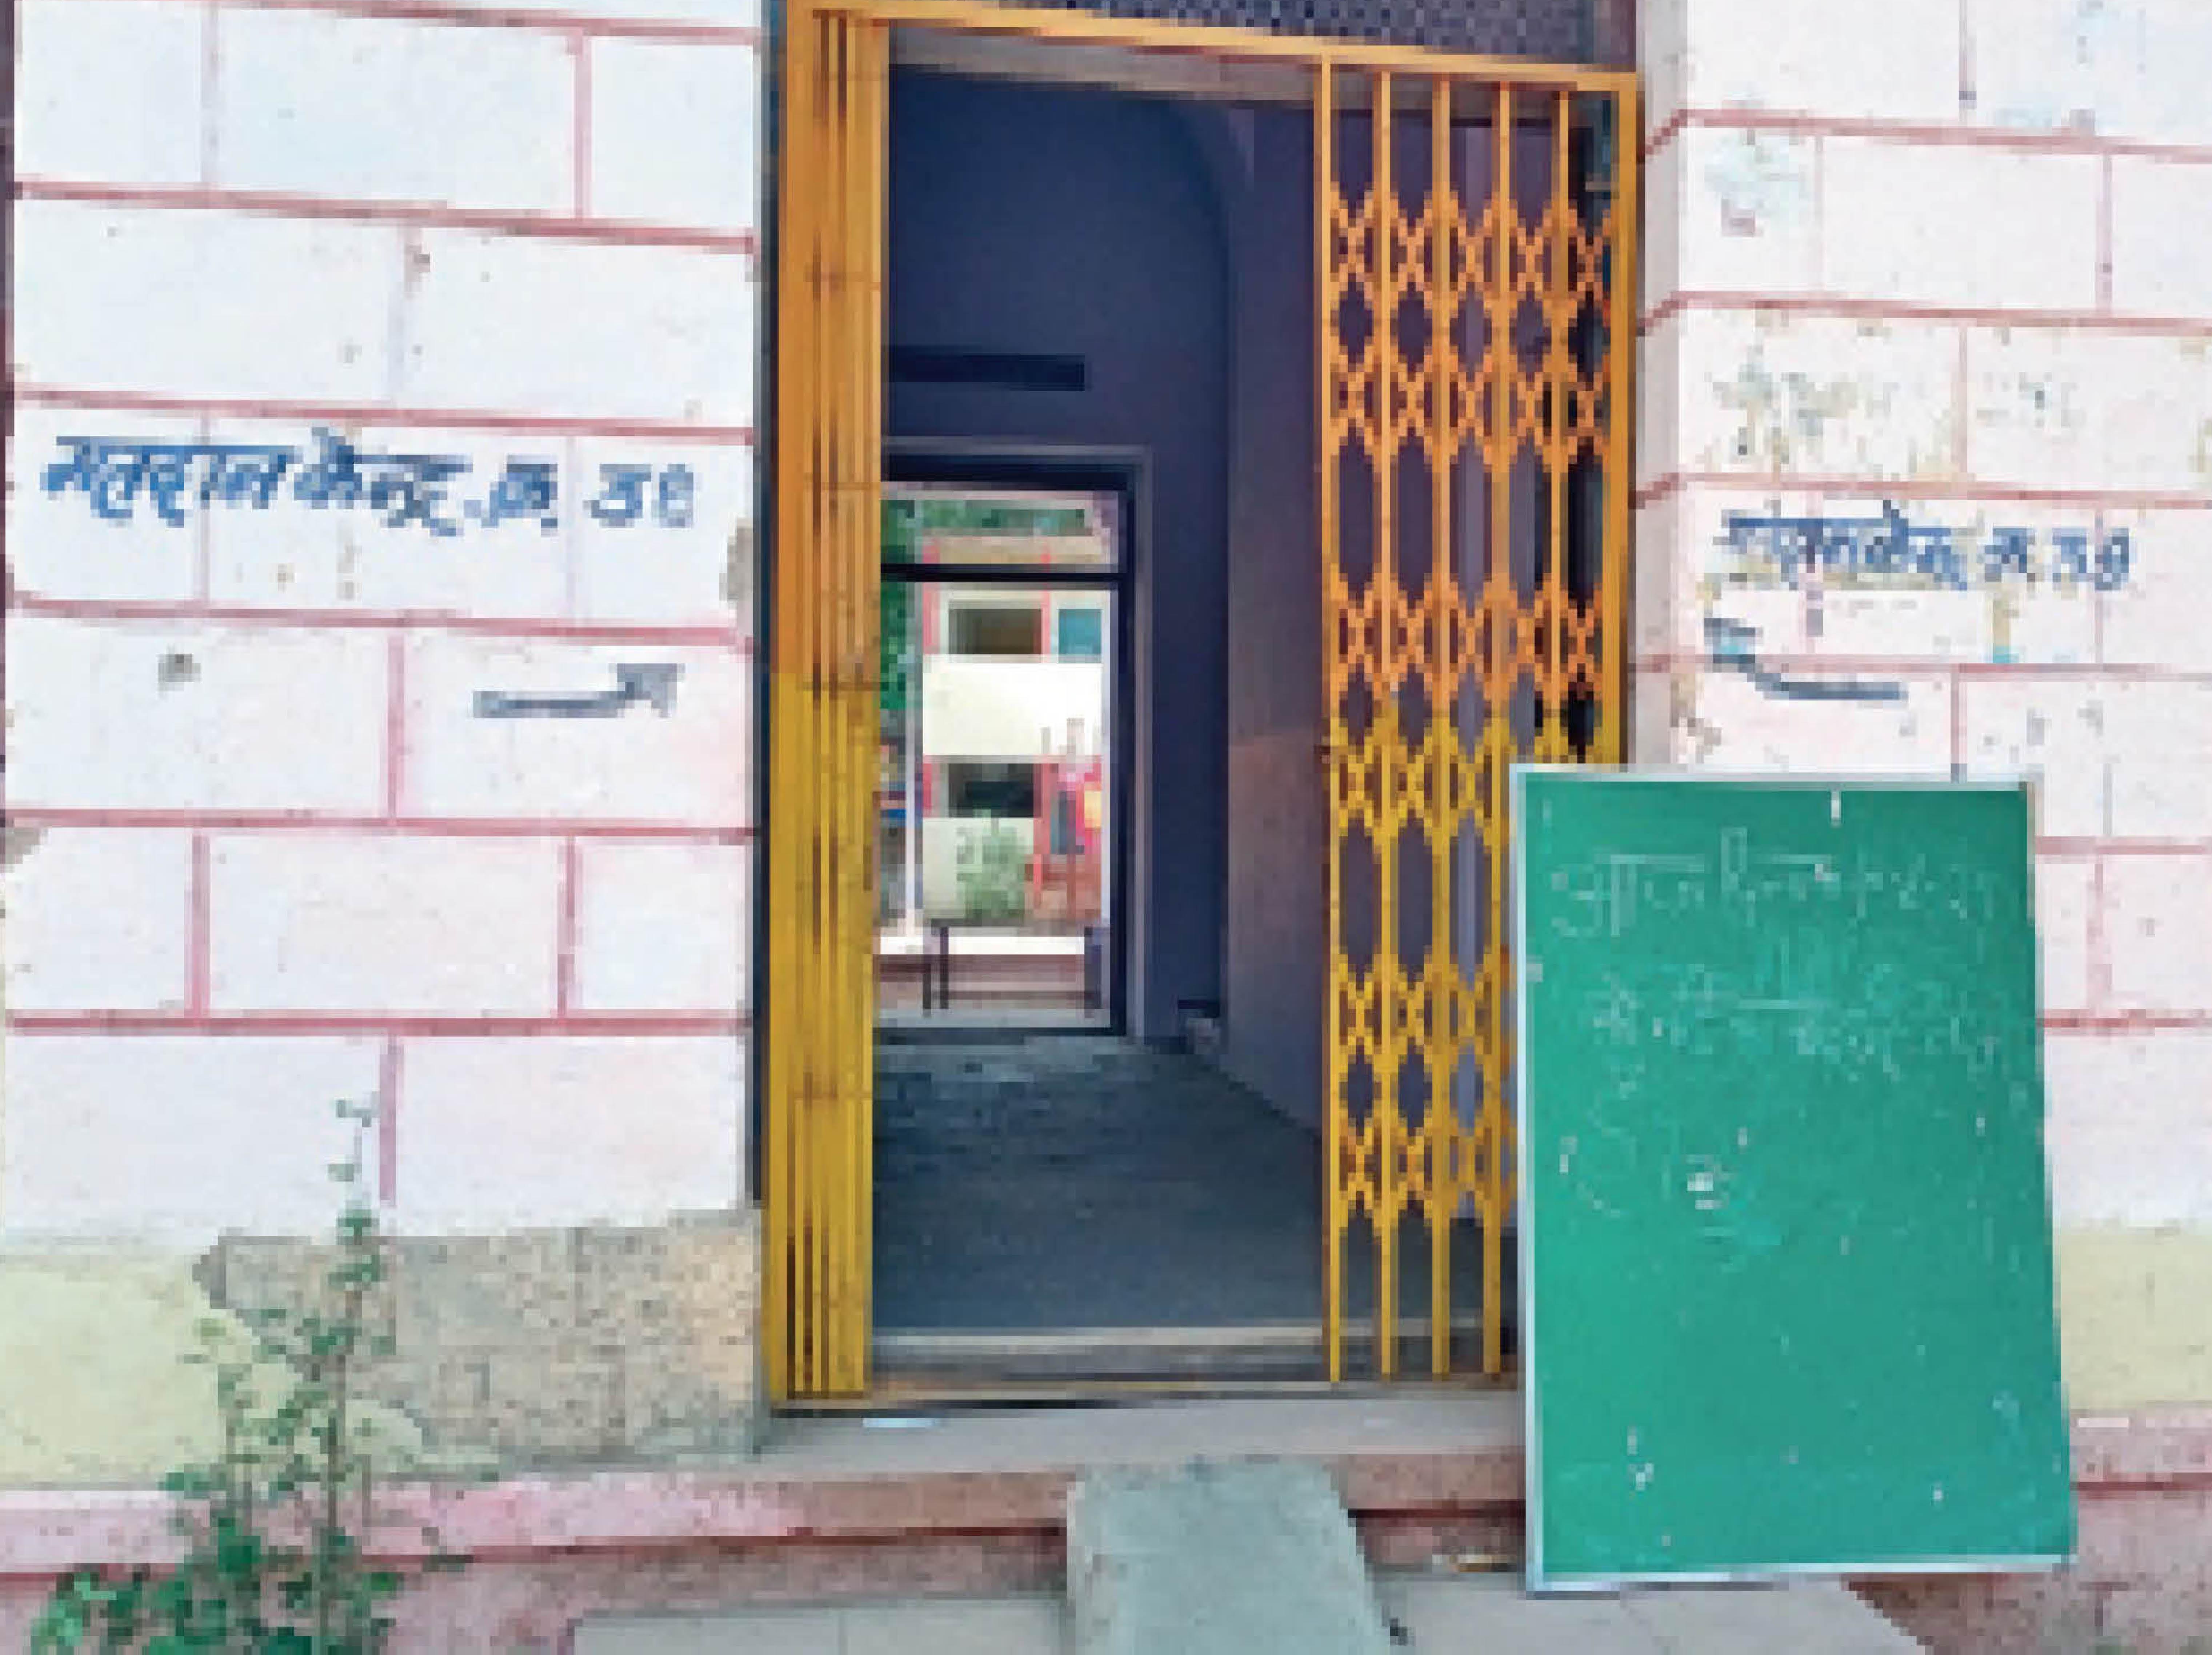 इंदौर, ग्वालियर, शिवपुरी, धार सहित कई जिलों में वैक्सीन खत्म; केंद्रों से लोगों को लौटाया|इंदौर,Indore - Dainik Bhaskar